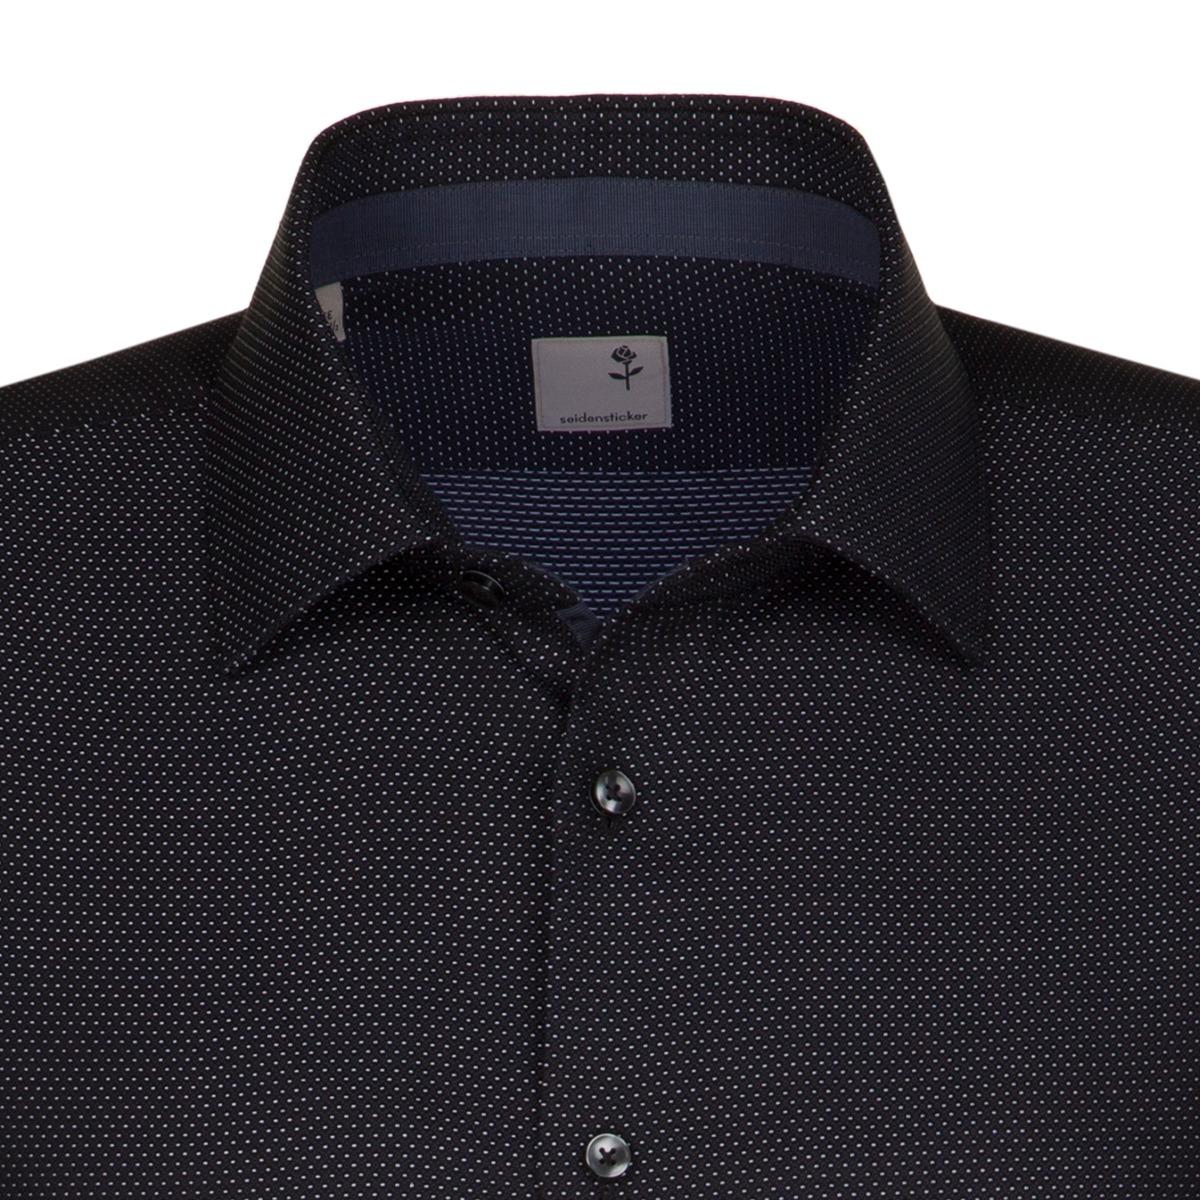 ... Obrázek Šedá pánská košile SEIDENSTICKER řady business 56caf82713